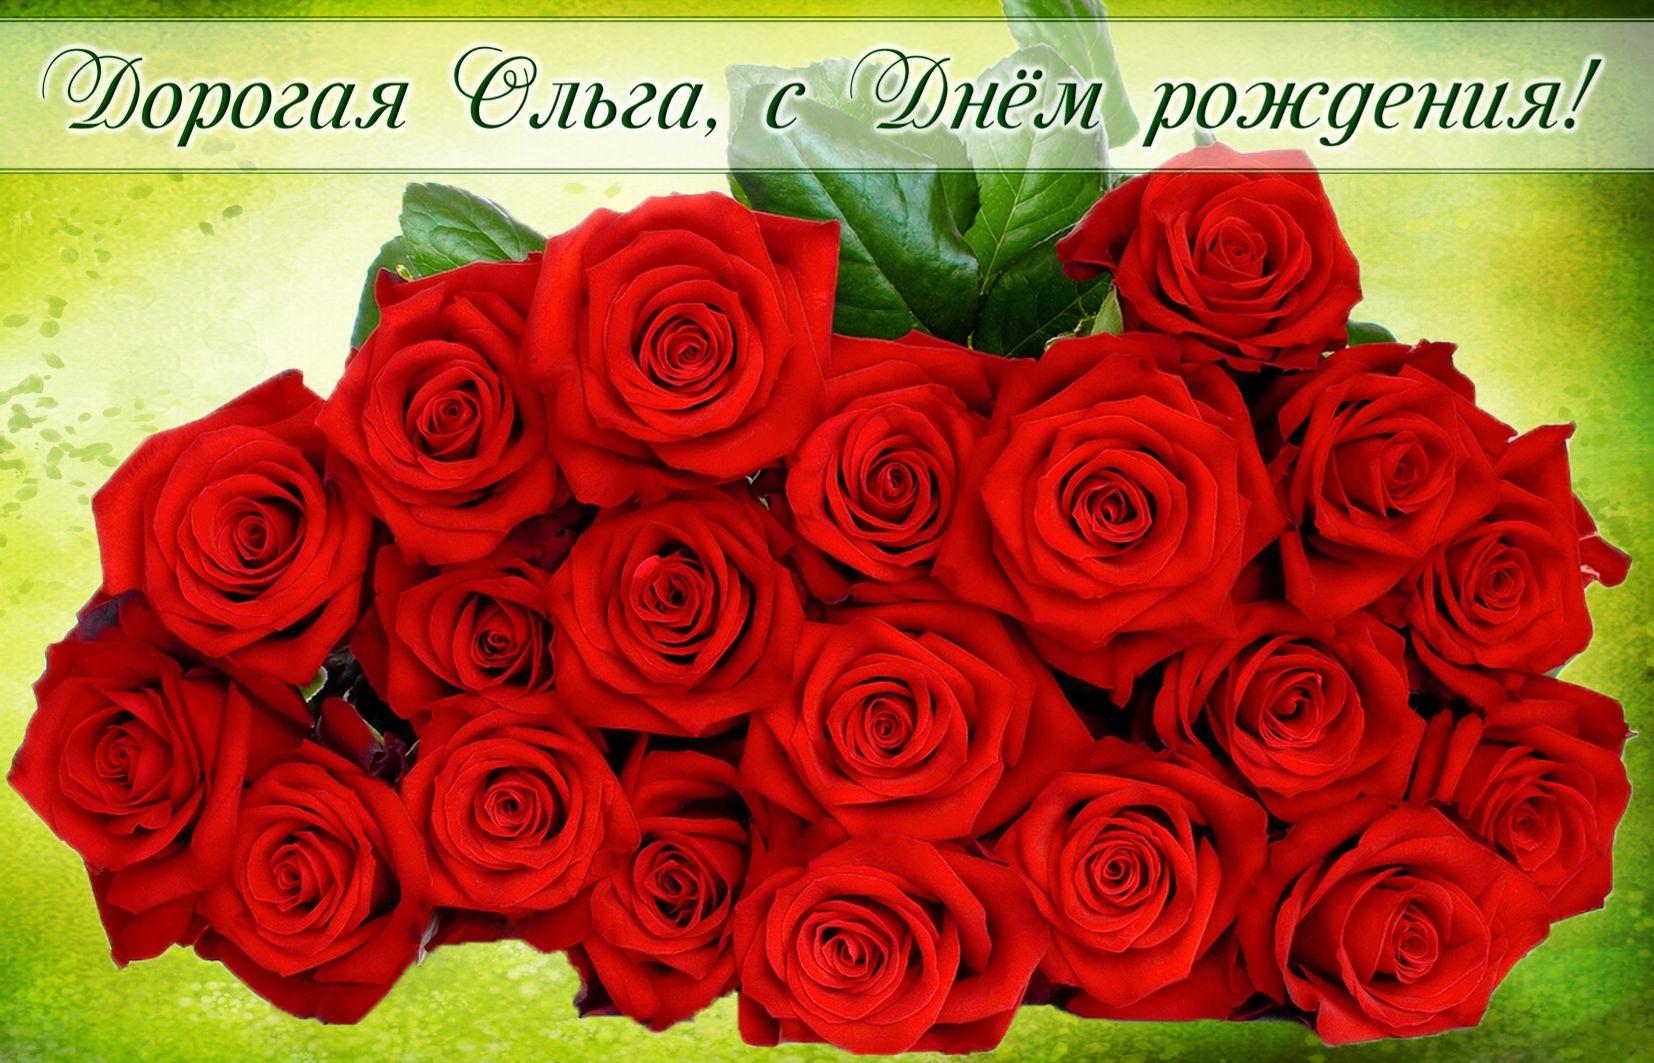 Огромный букет красных роз для Оли